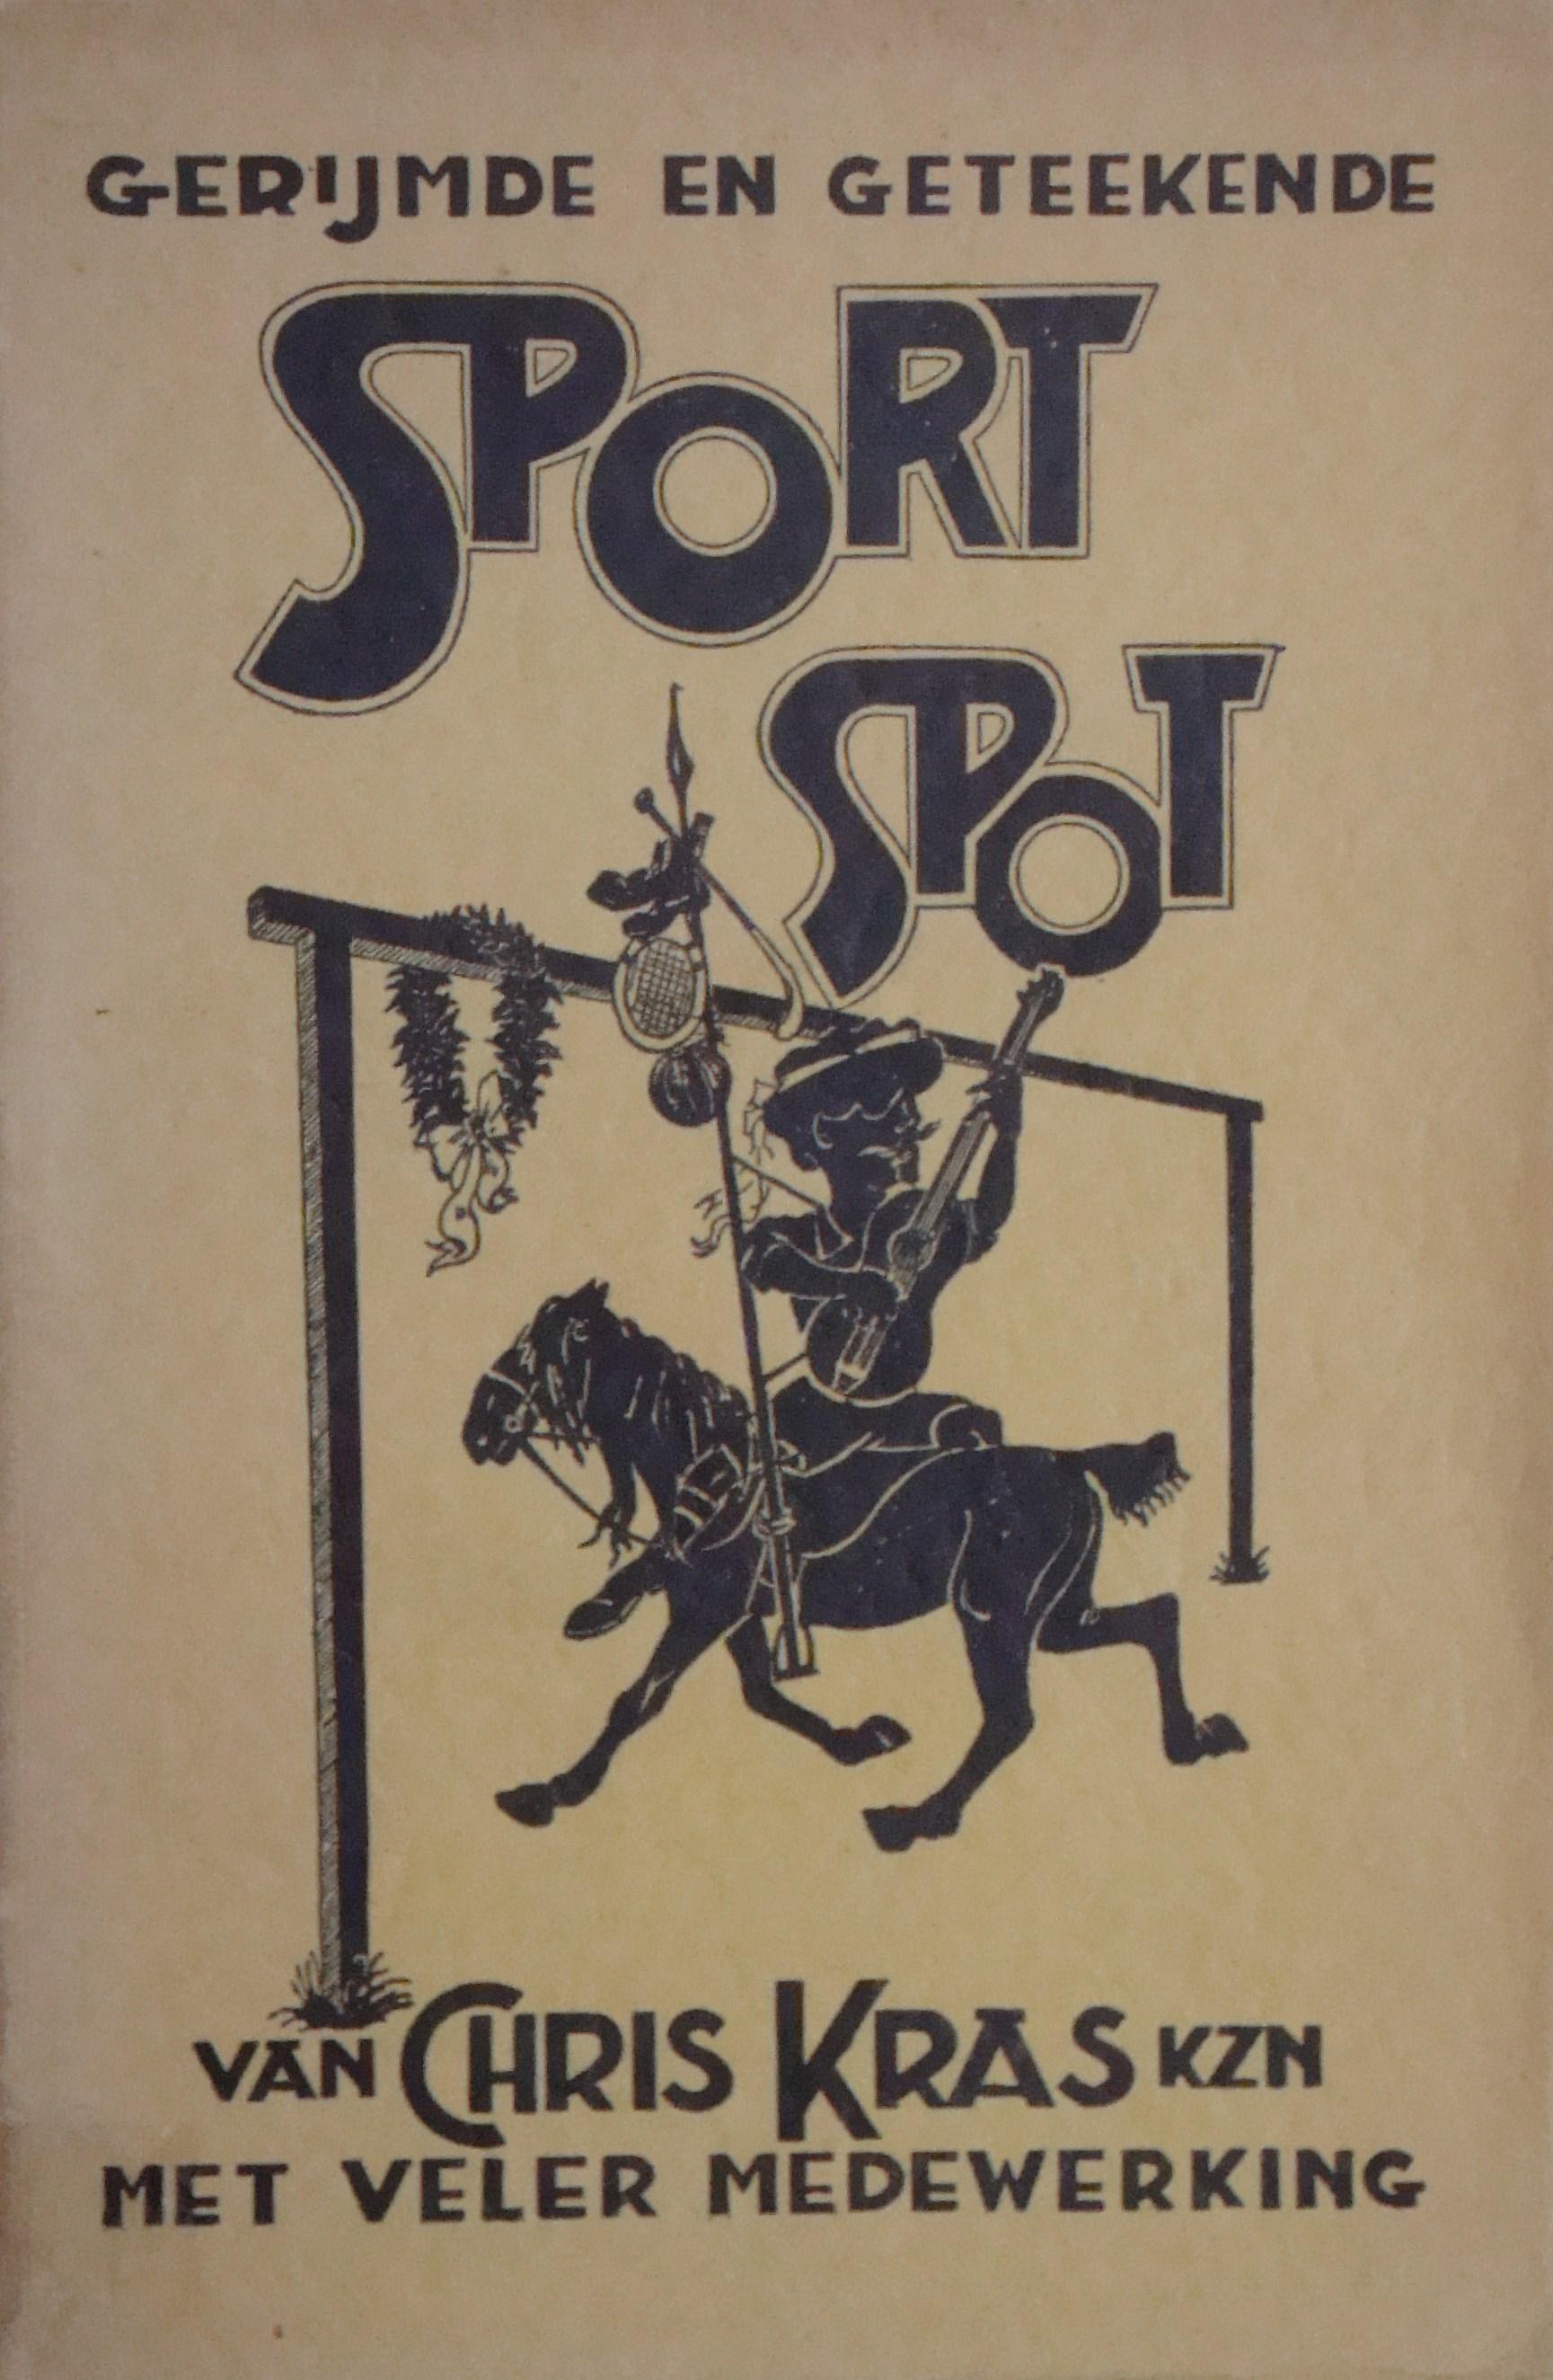 Gerijmde en geteekende Sport-Spot